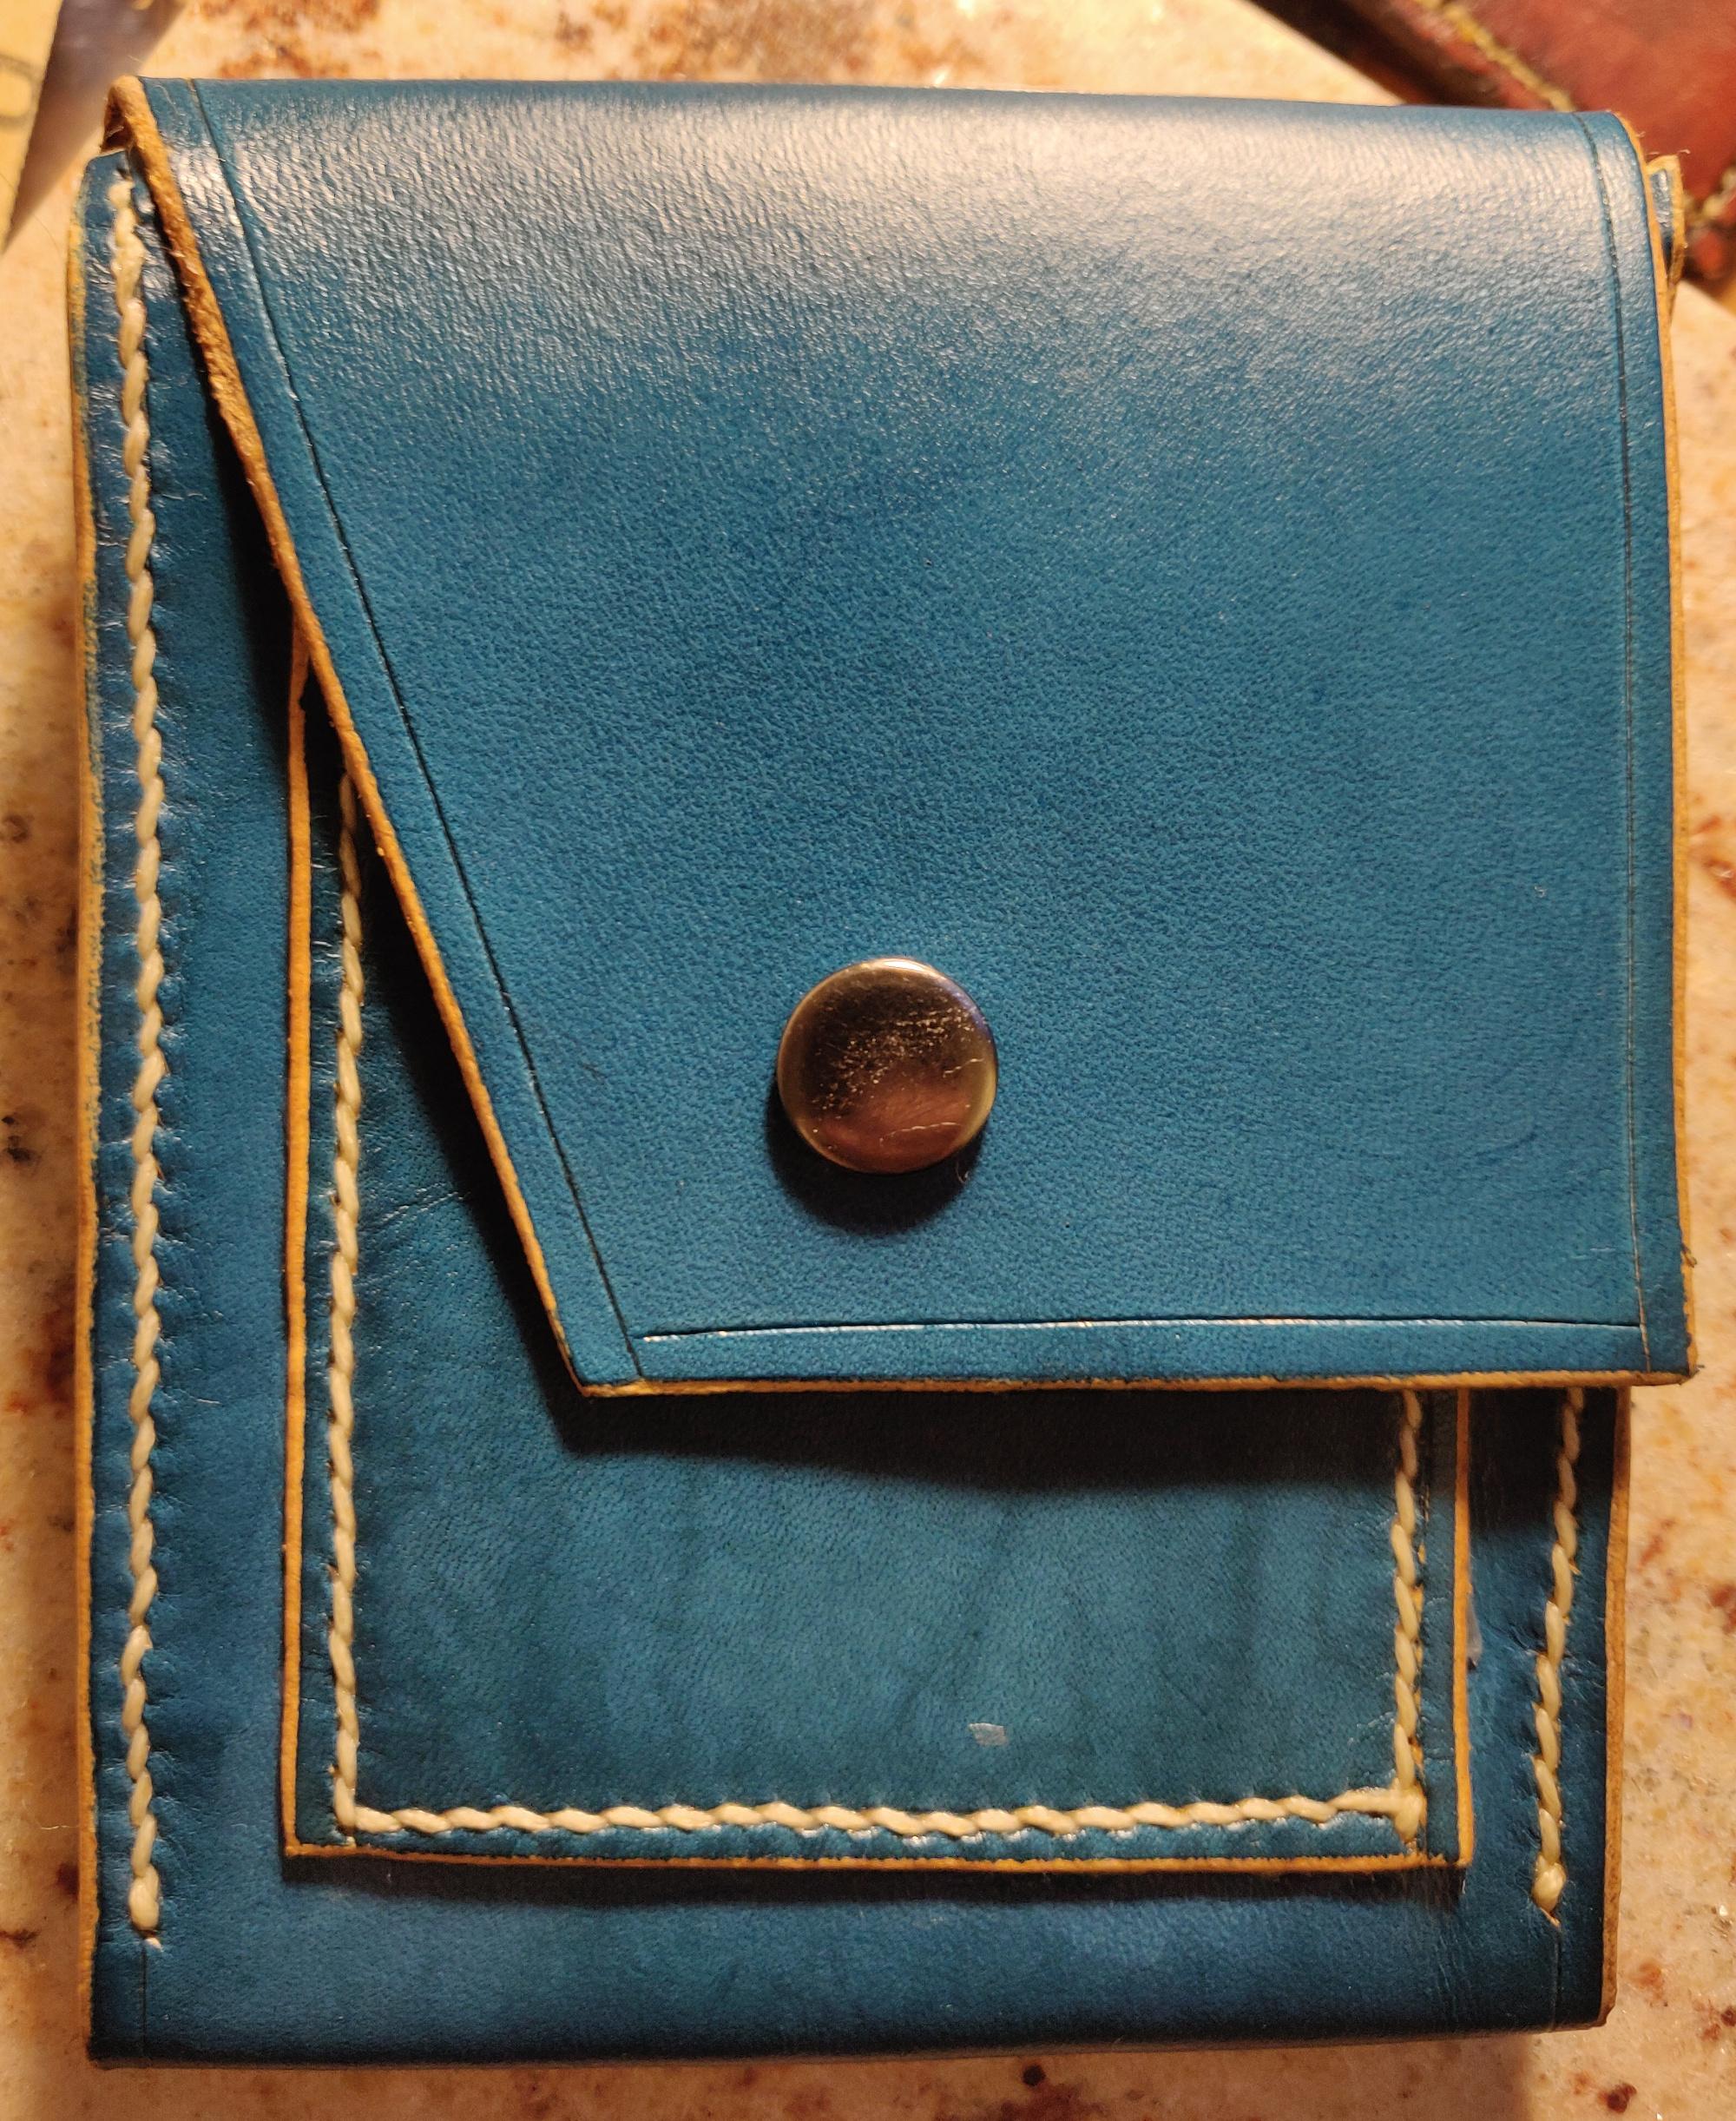 Portefeuille en cuir bleu avec porte-monnaie